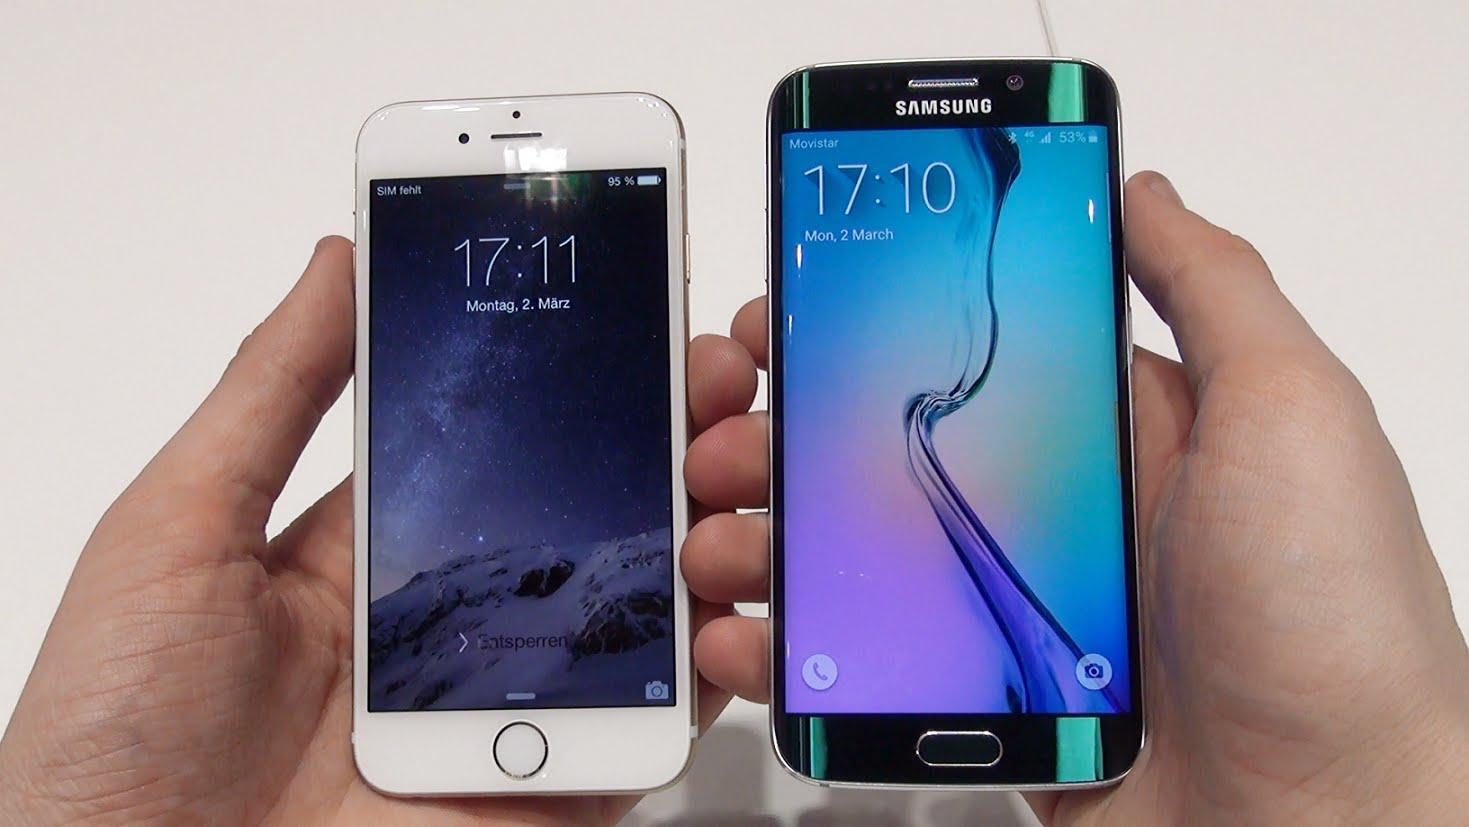 Սեպտեմբեր ամսին Samsung-ը և Apple-ը կթողարկեն հերթական առաջատար սմարթֆոնները